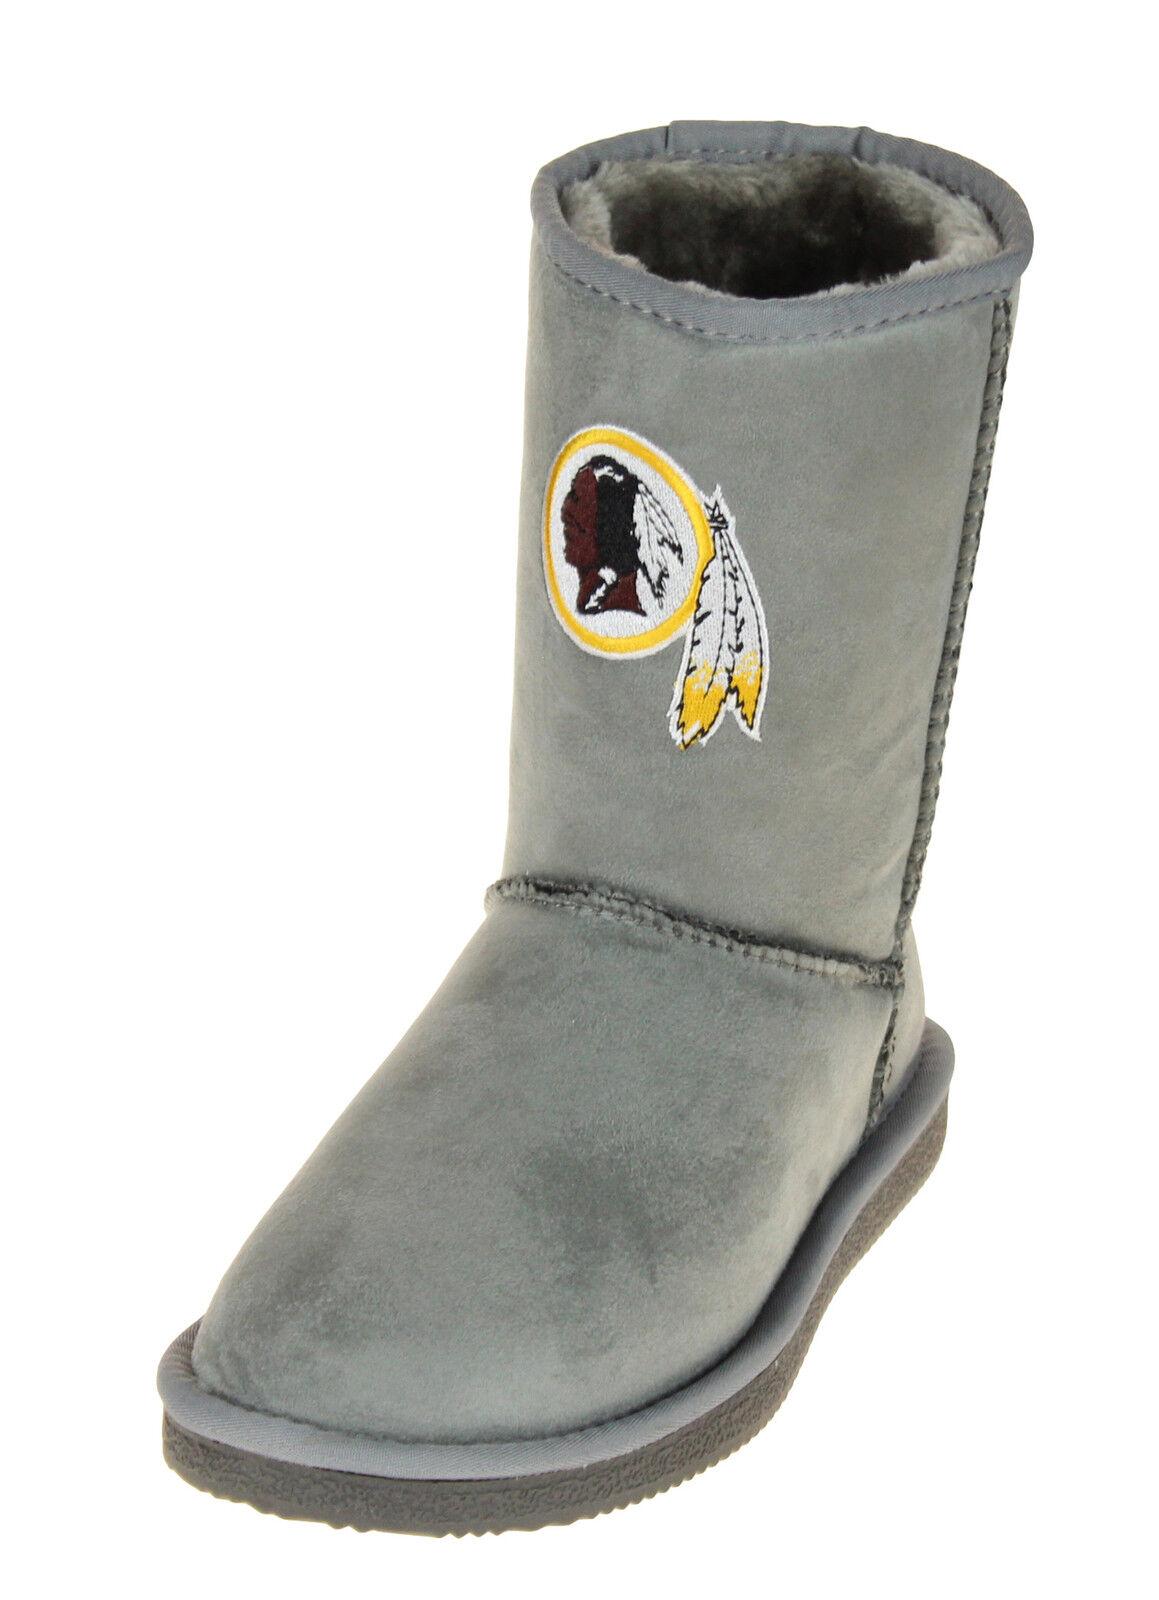 Cuce Zapatos Zapatos Cuce Washington rojoskins Nfl Football Para Mujer la fiel seguidor de arranque-gris a53896